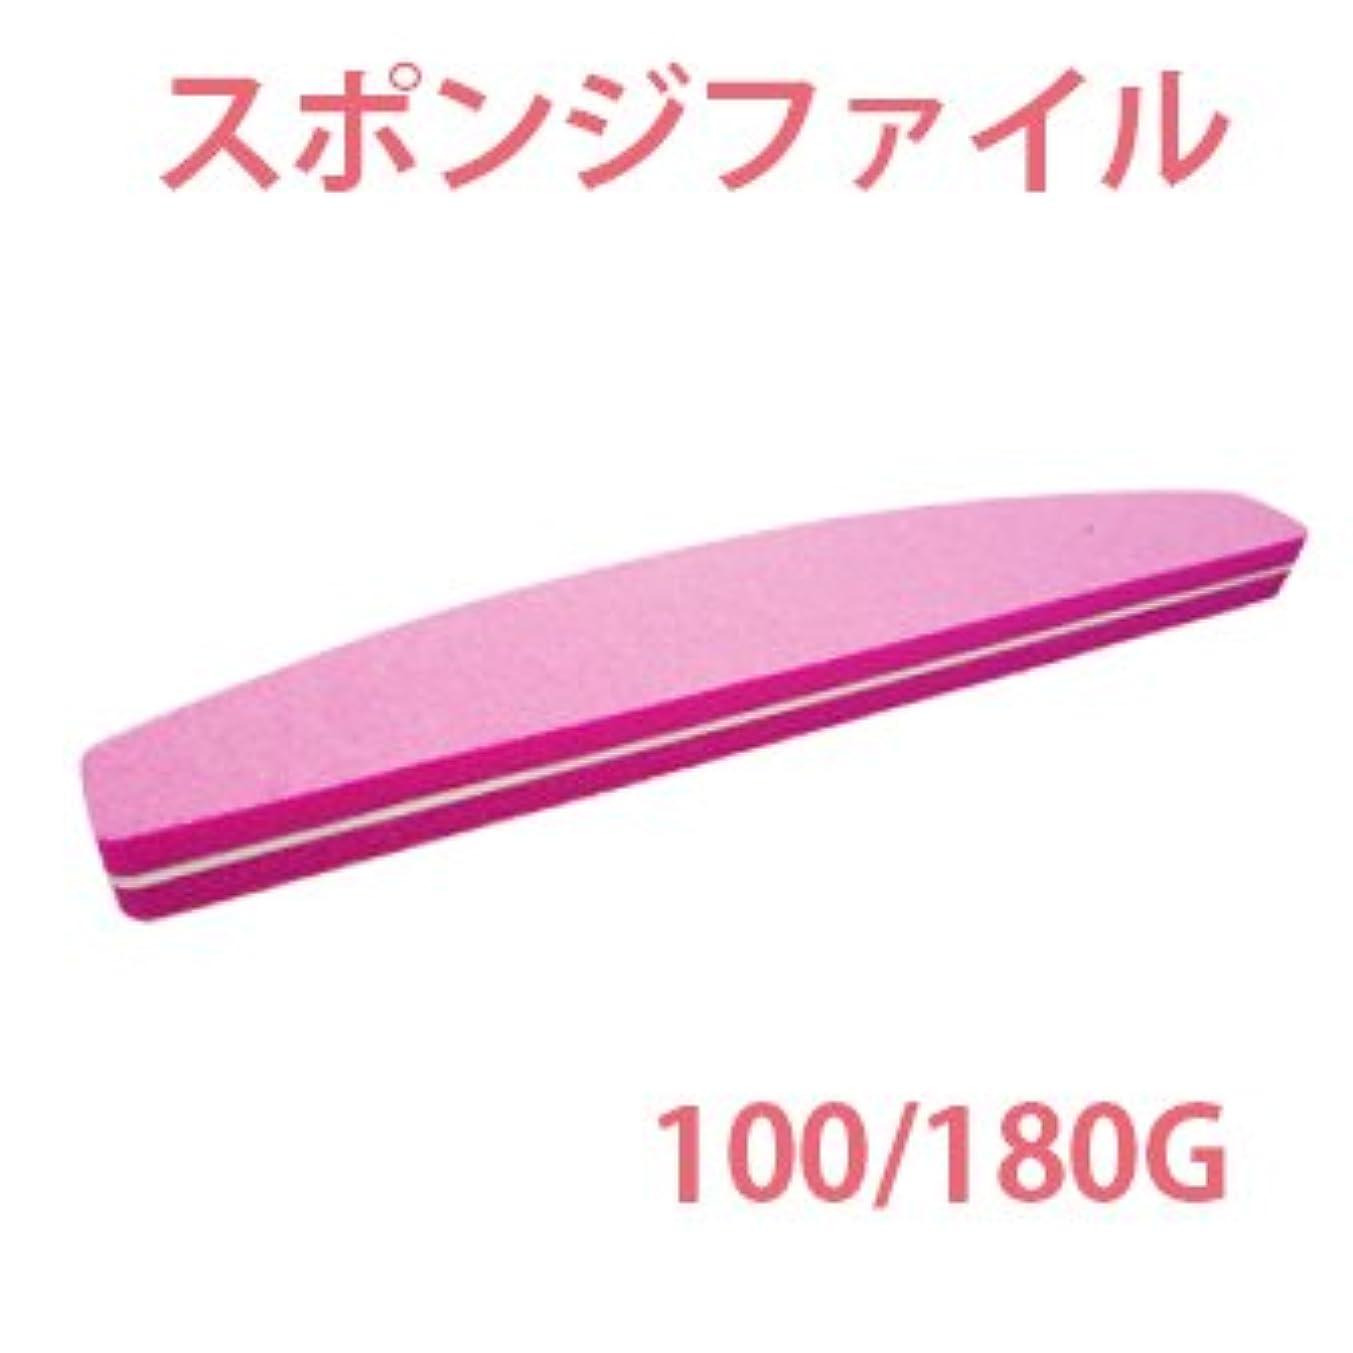 伝える暗殺つらいスポンジファイル バッファー 100/180G ピンク